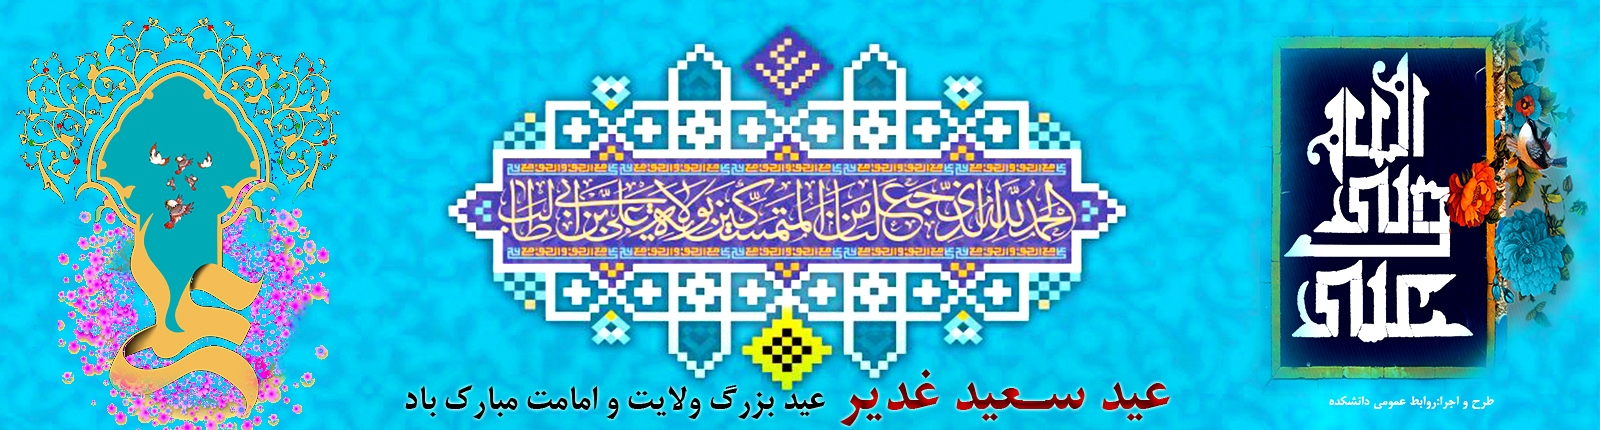 ghadir99